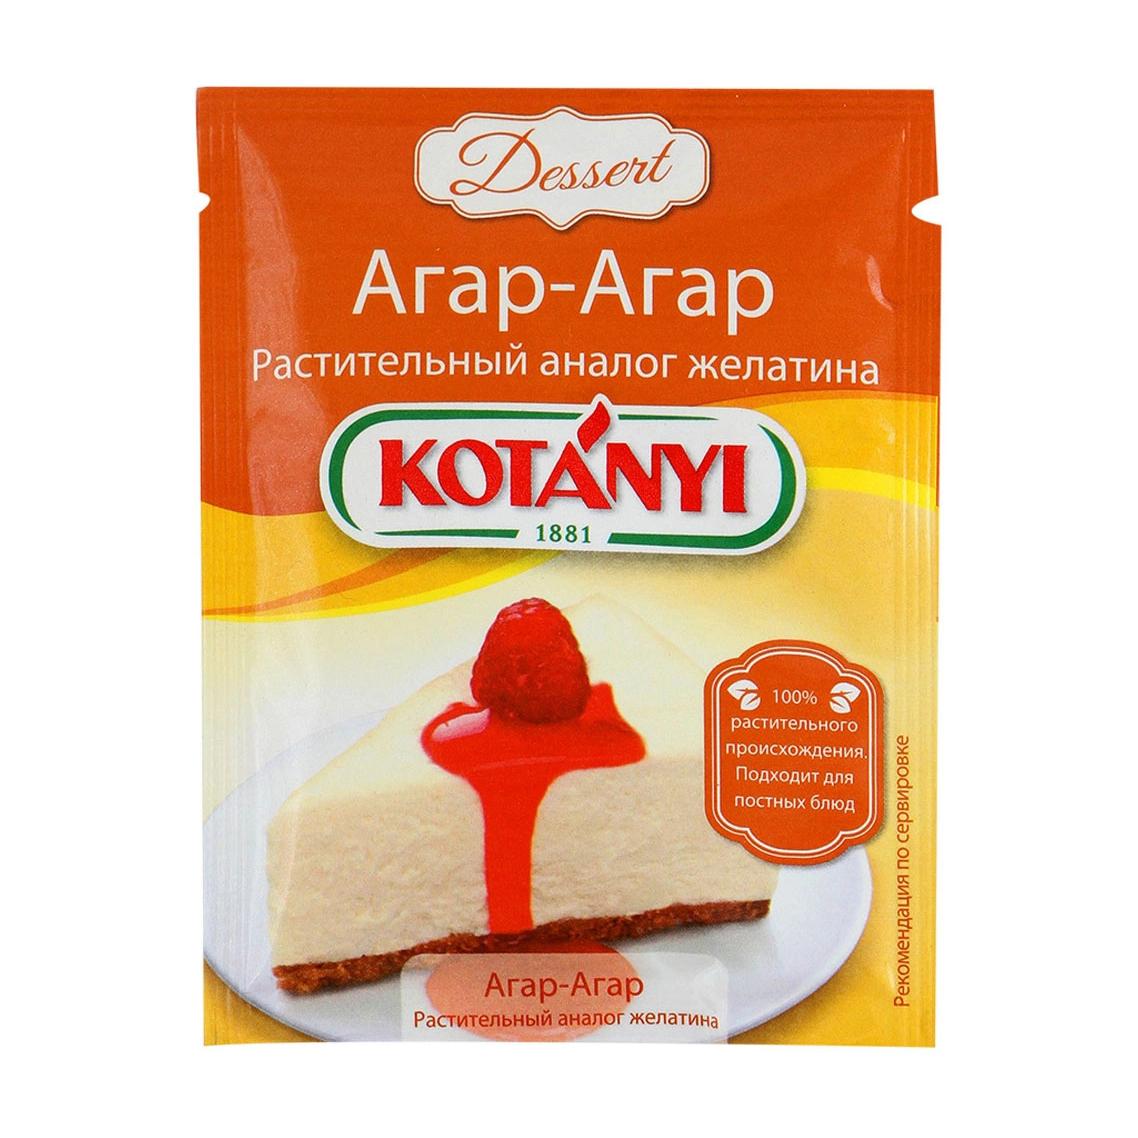 Агар-агар Kotanyi 10 г правильное питание оргтиум агар агар 100 г